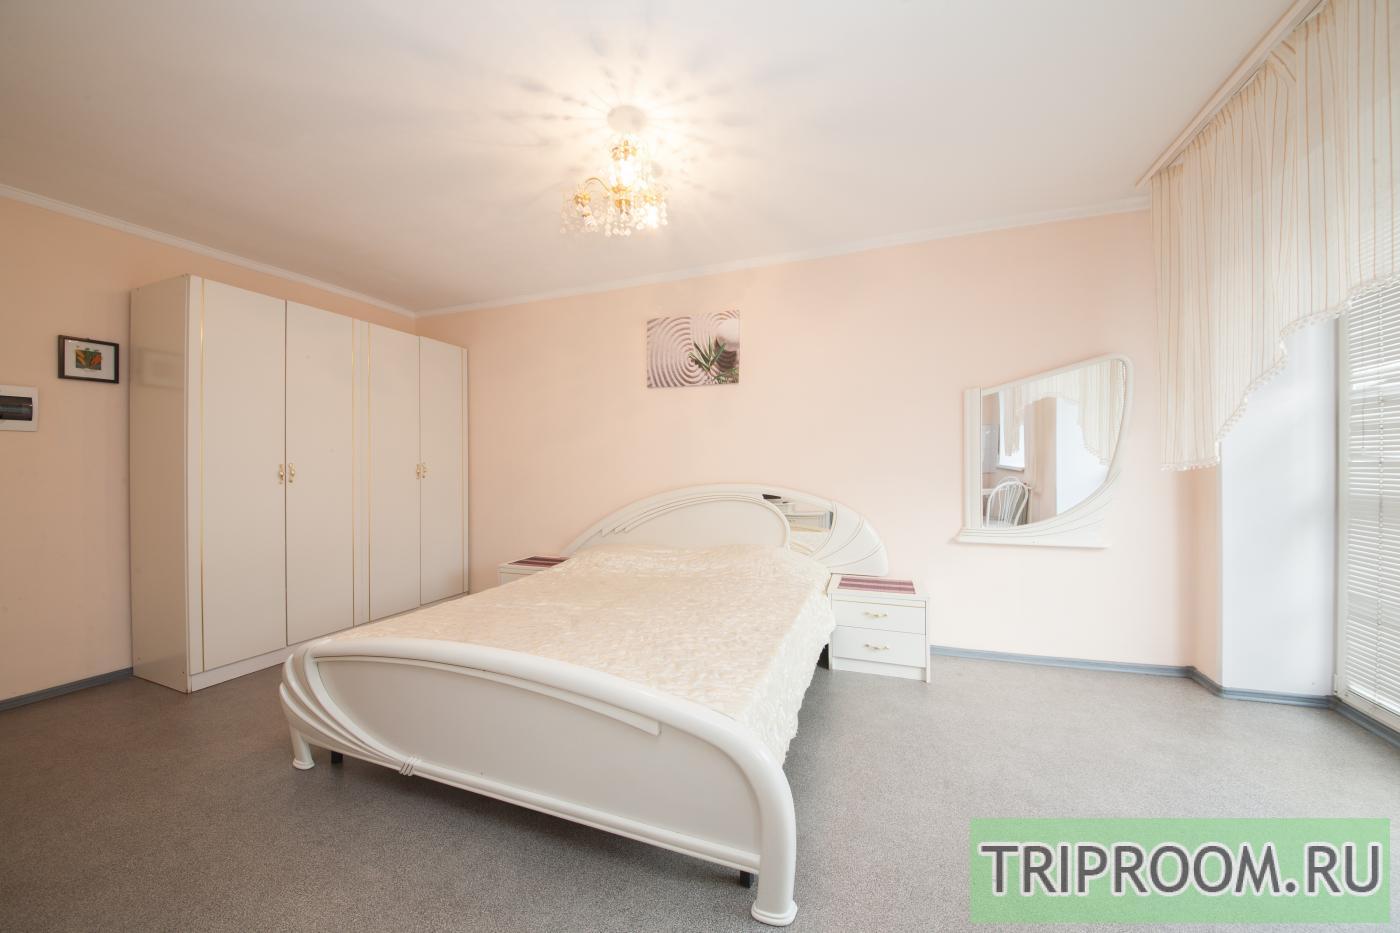 1-комнатная квартира посуточно (вариант № 16060), ул. Красной Армии, фото № 2